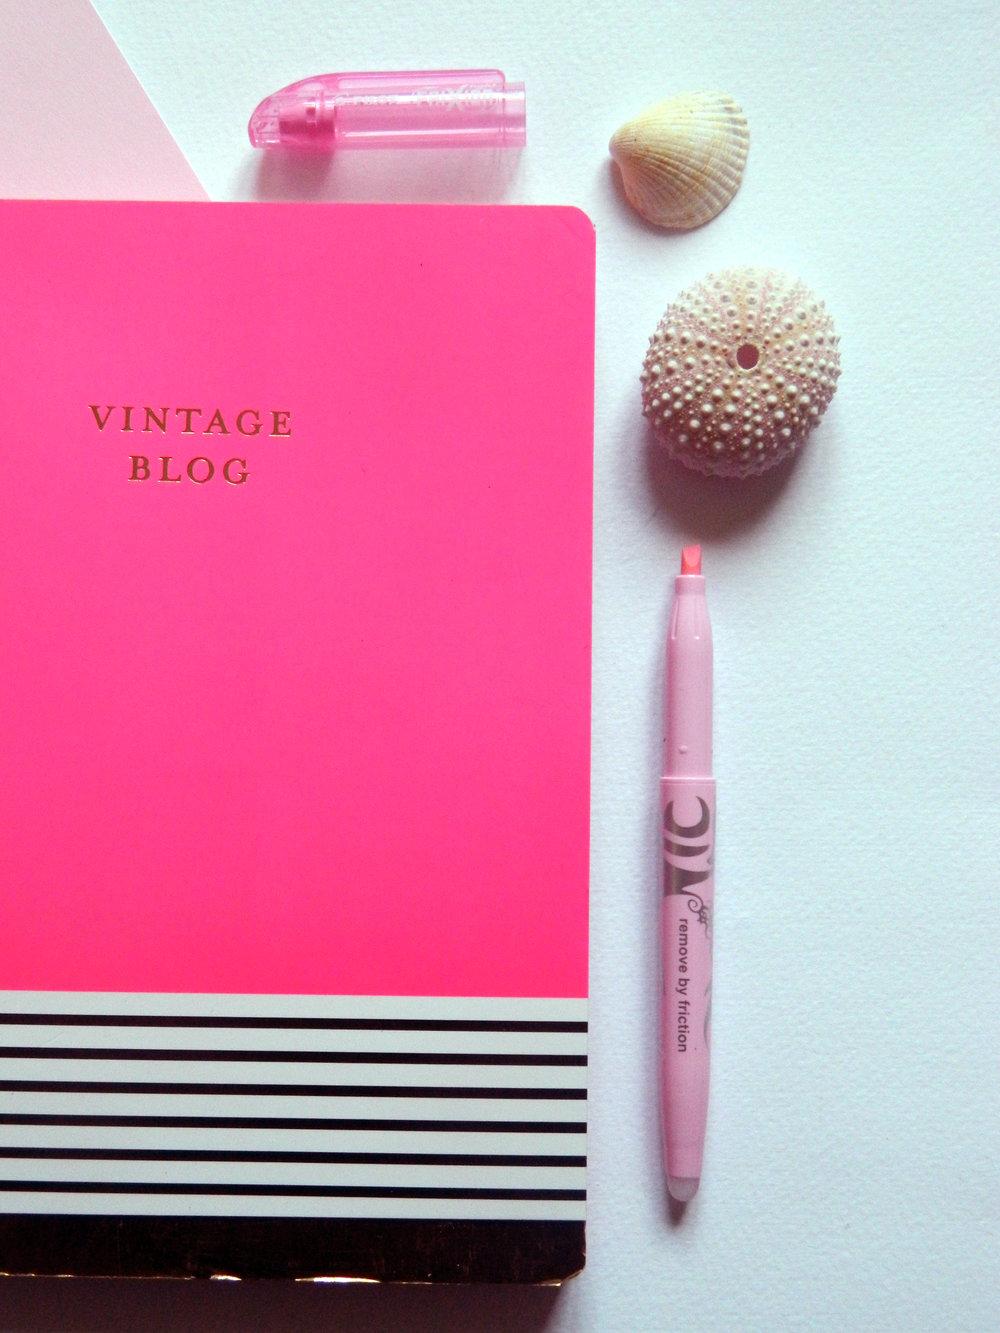 vintageblog.jpg